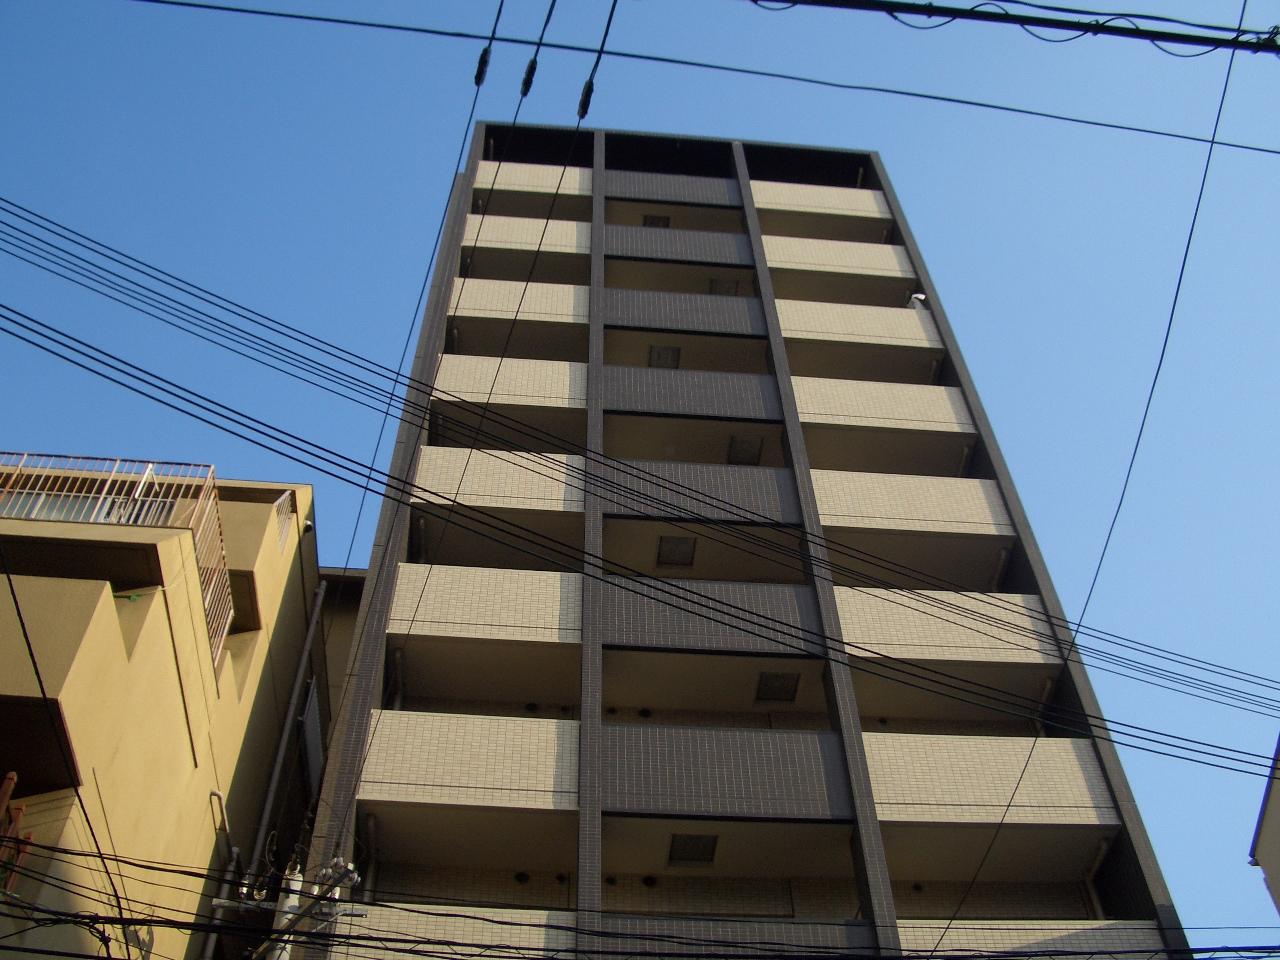 物件番号: 1068115545 エイペックス新大阪  大阪市淀川区西中島6丁目 1DK マンション 外観画像